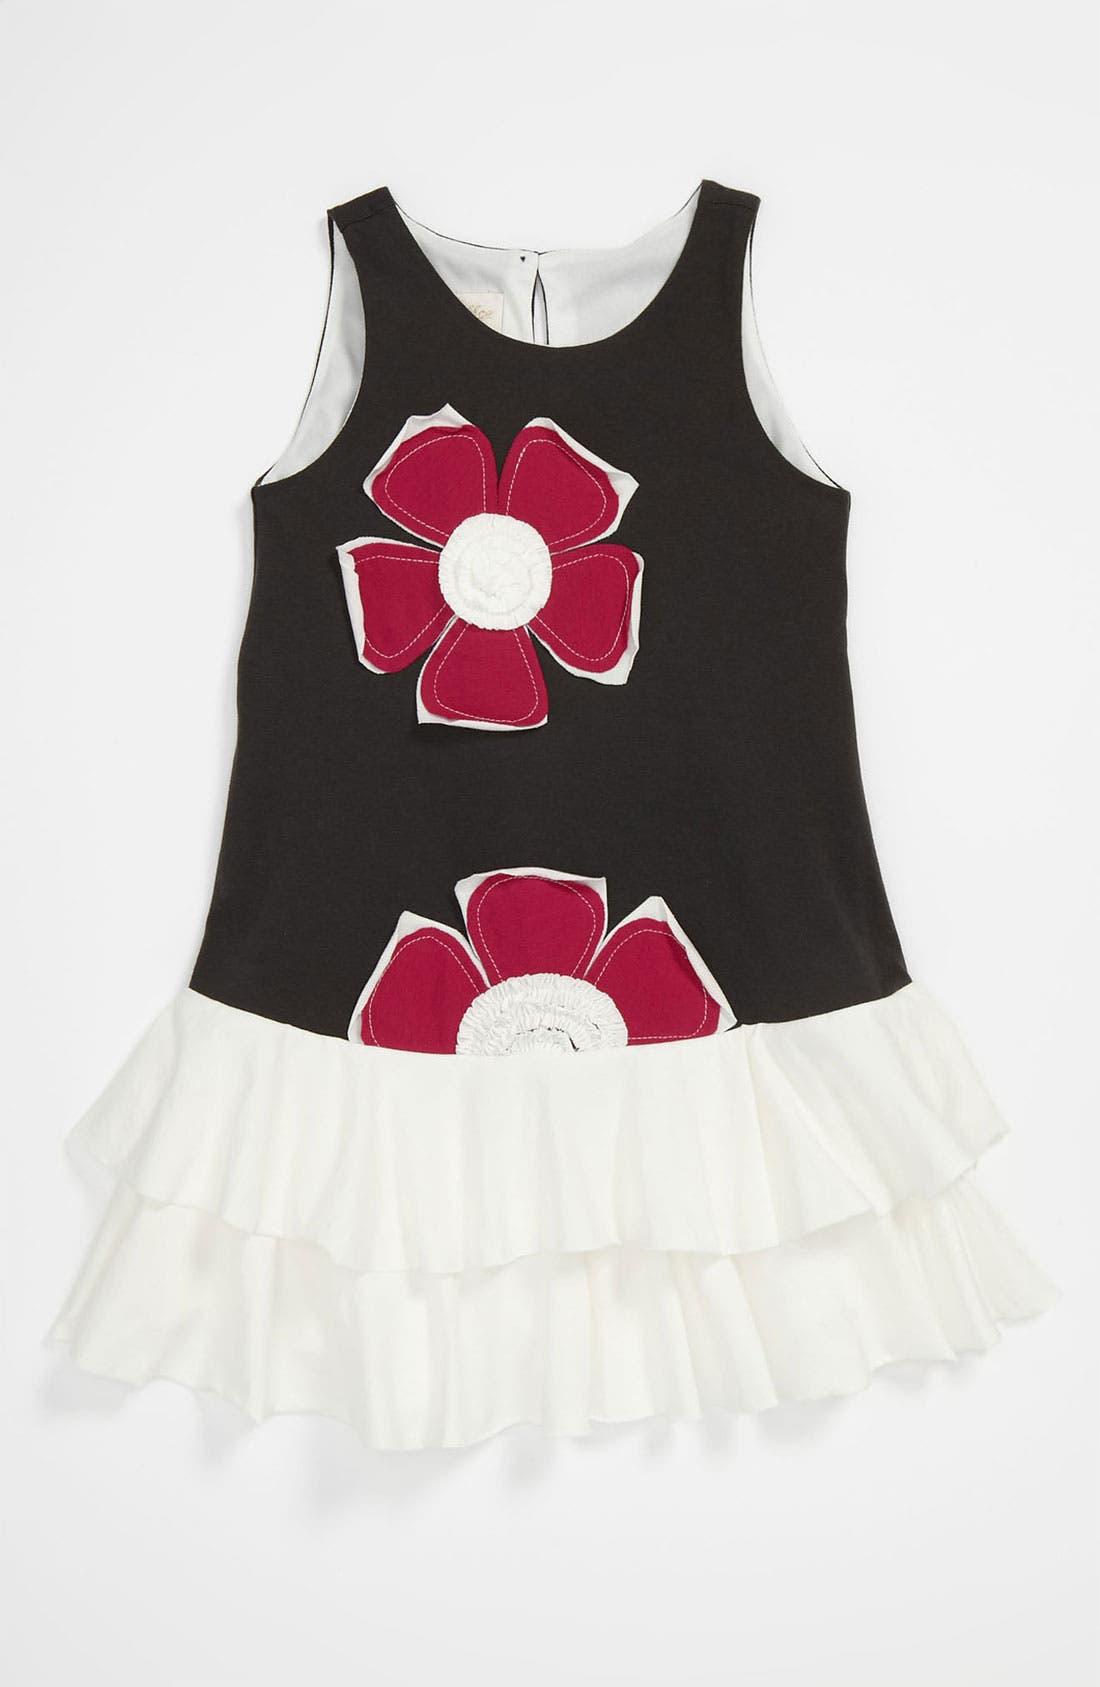 Main Image - Isobella & Chloe 'Holly' Dress (Toddler)